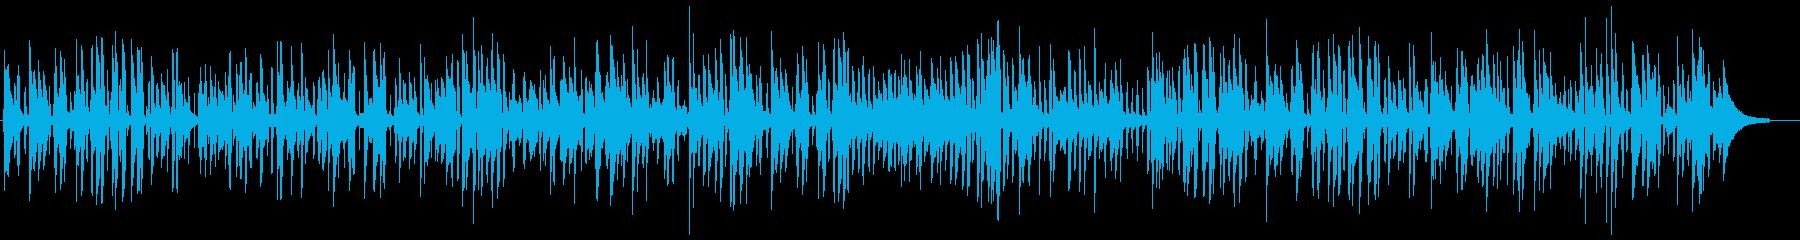 おしゃれなバーの生演奏ライブジャズの再生済みの波形